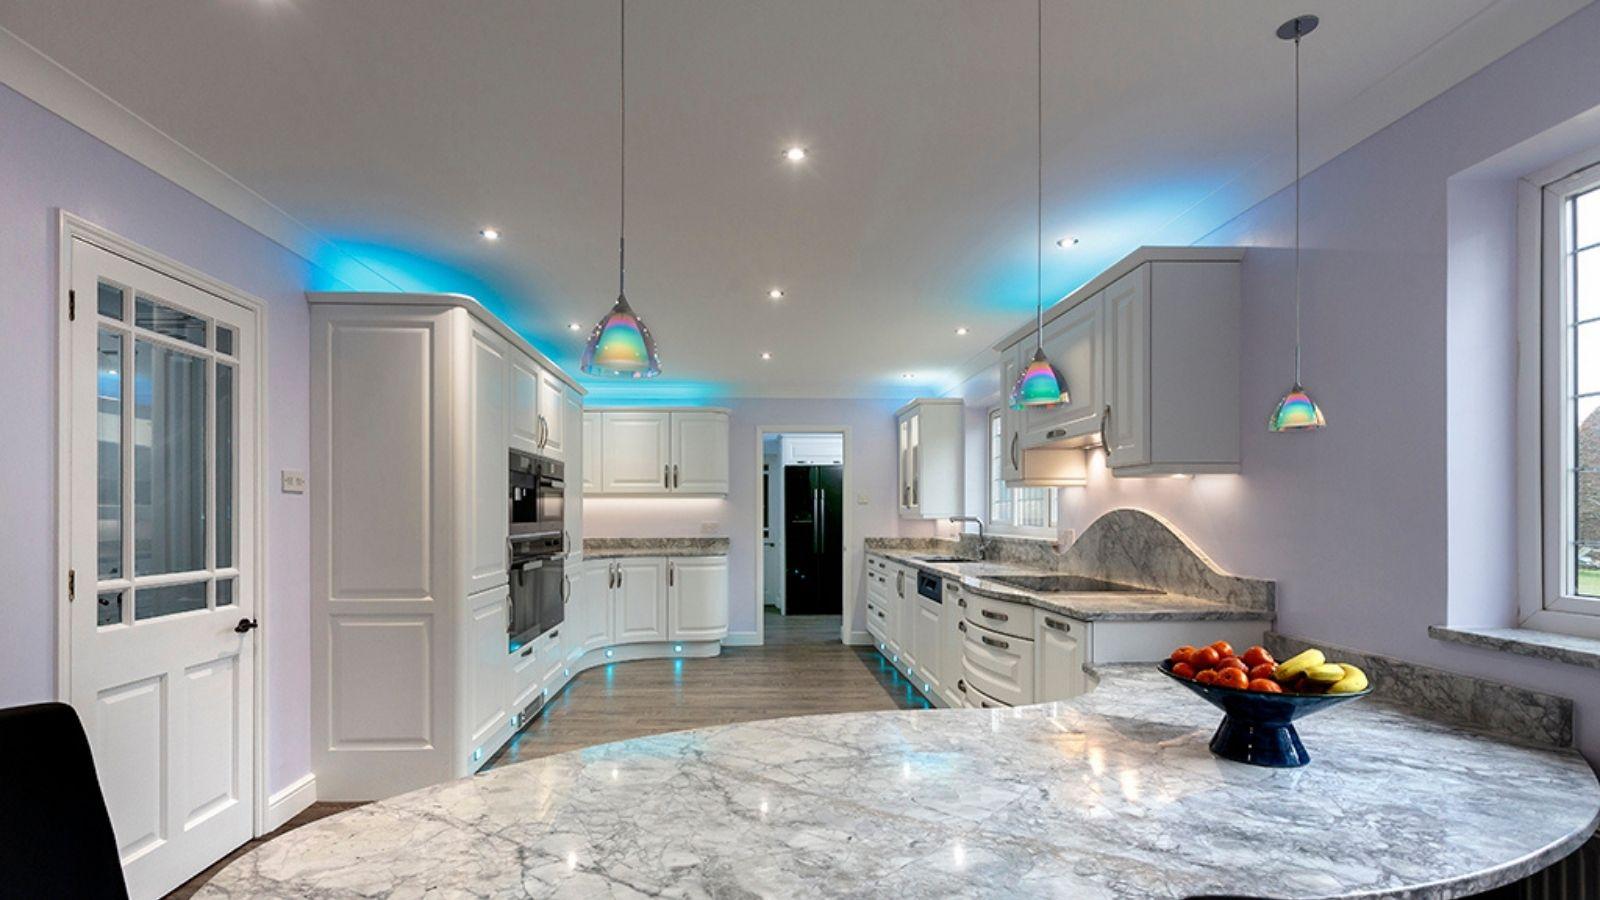 Kitchen cabinet illumination - Kestrel Kitchens